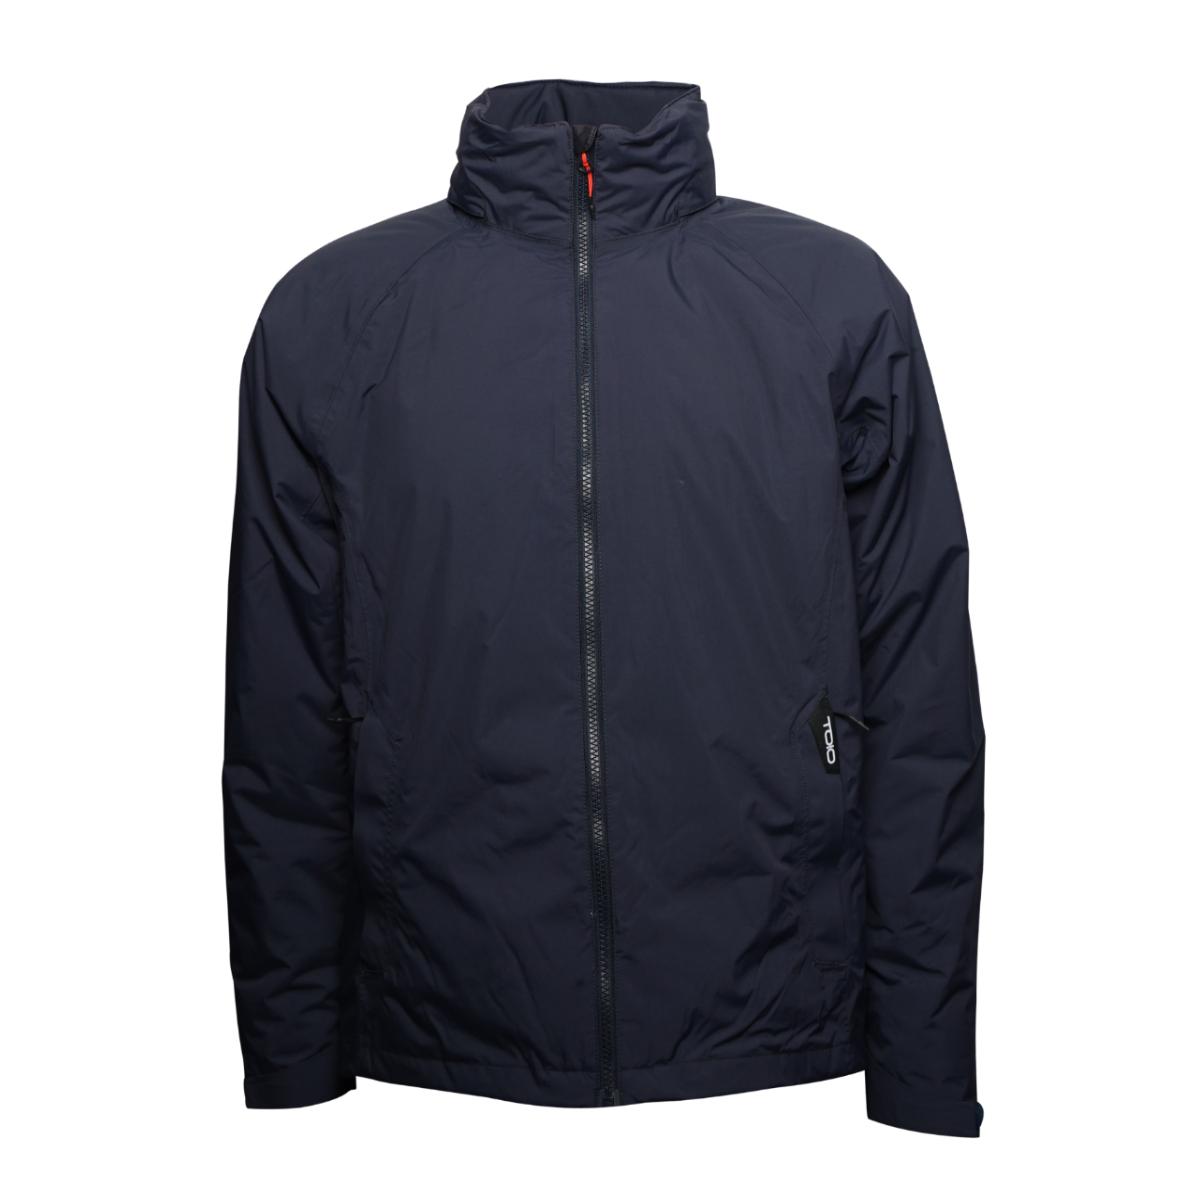 Schooner Waterproof Jacket